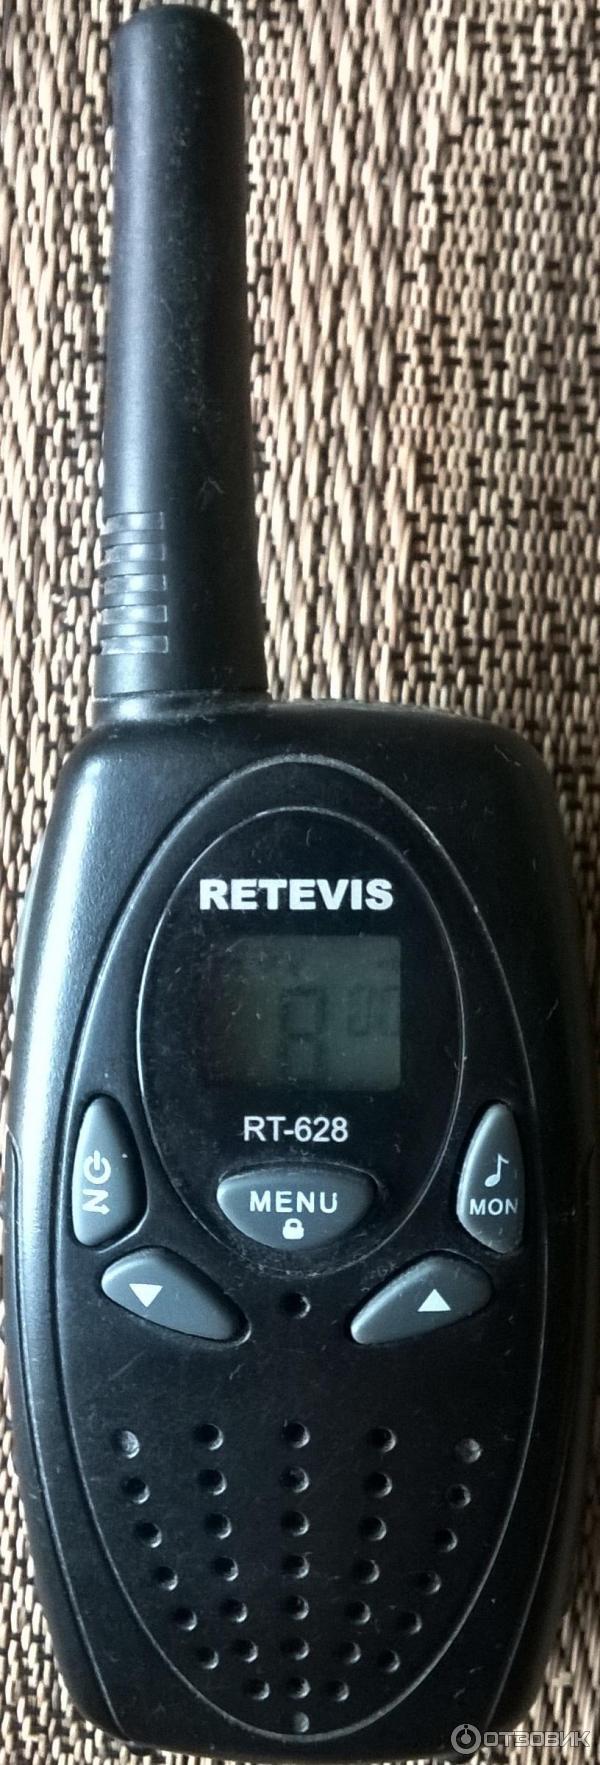 инструкция на русском рация retevis rt-628